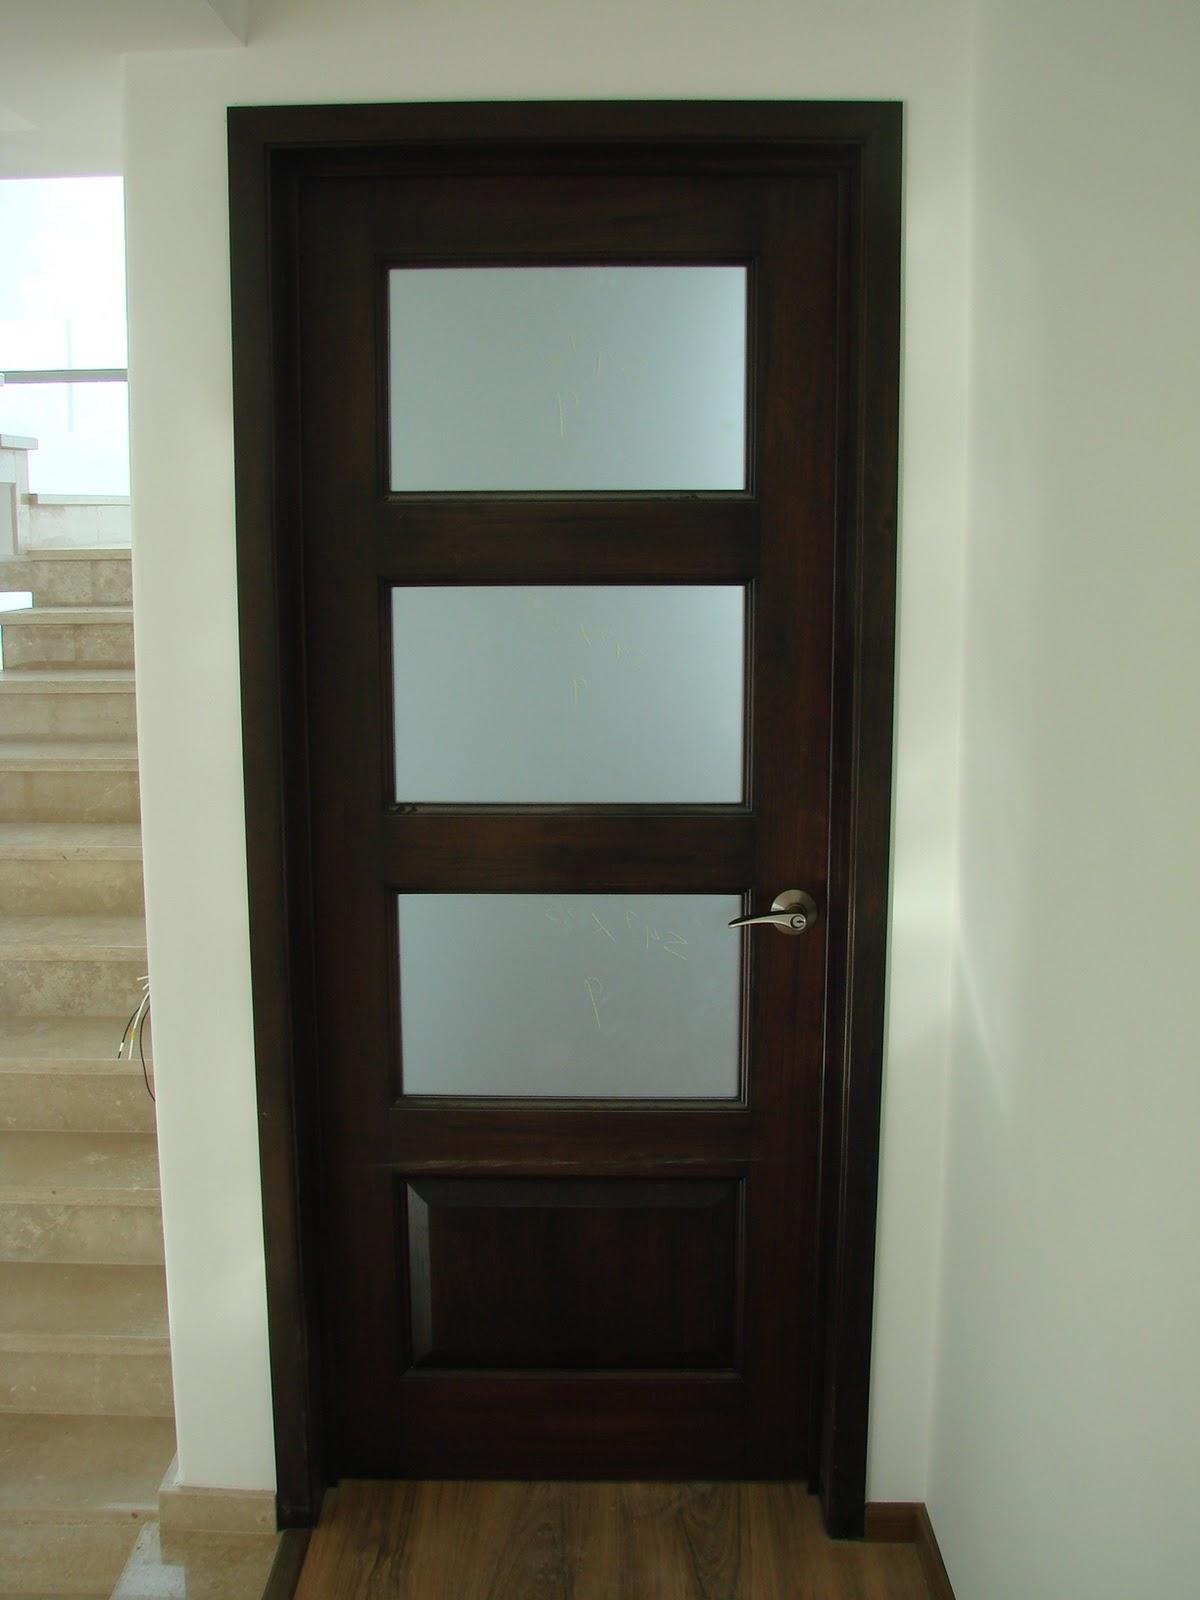 Cocinas integrales vestidores closets etc puertas en - Colores de puertas de madera ...